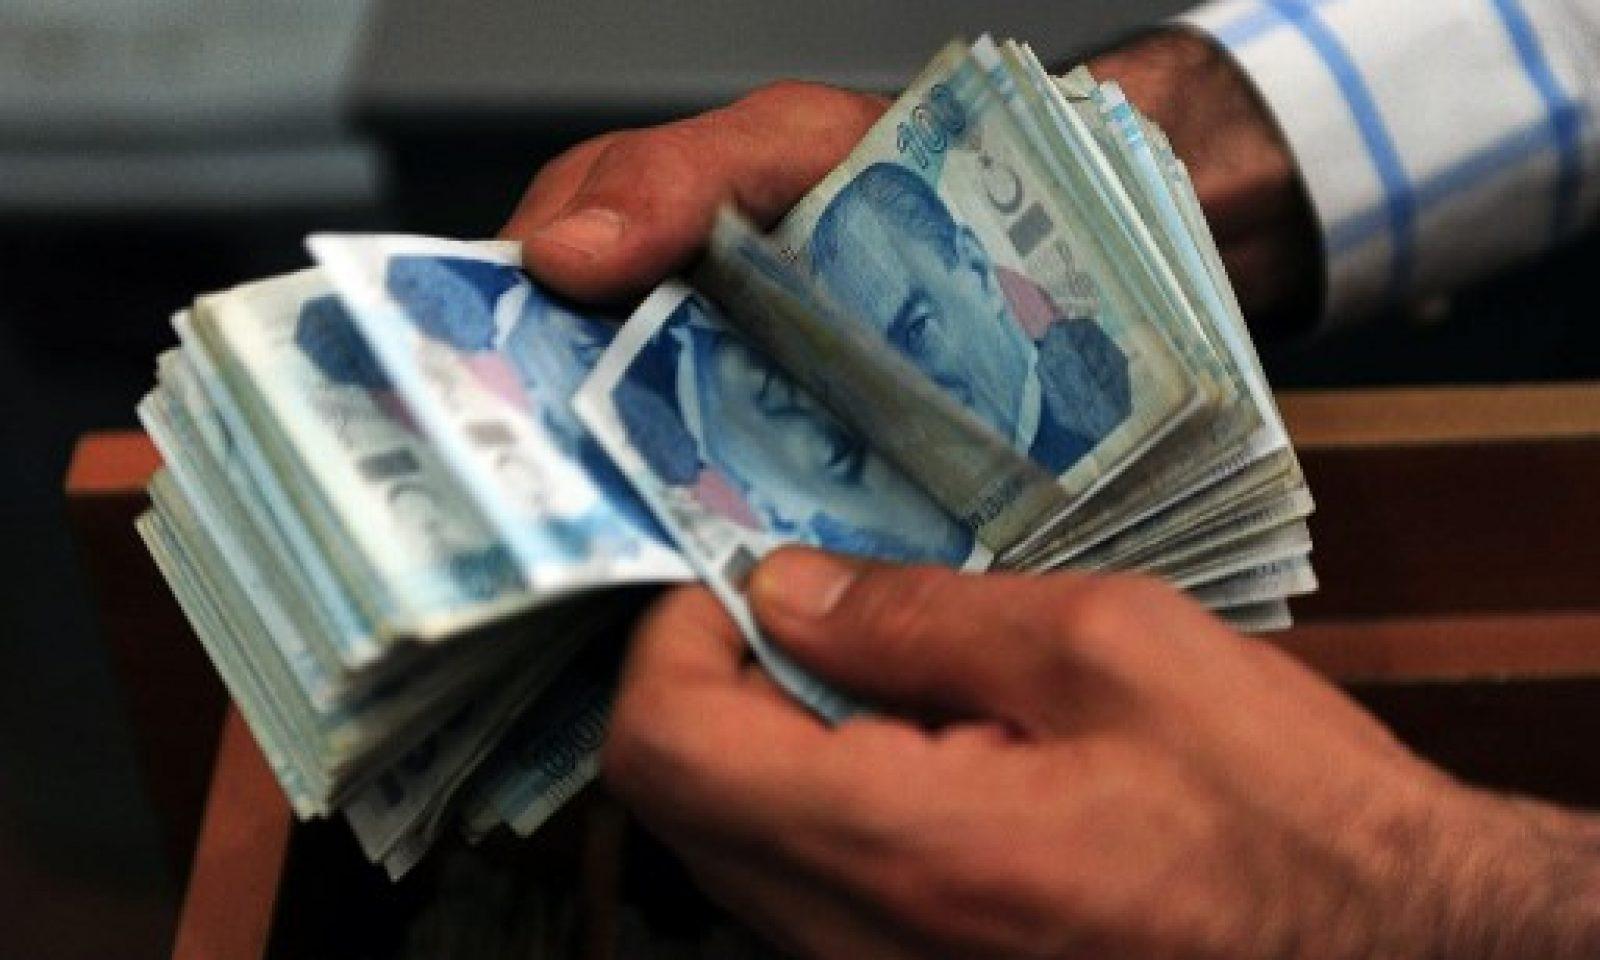 Τουρκία: Αύξηση 23,5% του δείκτη κύκλου εργασιών τον Αύγουστο και 3,4% αύξηση στην βιομηχανική παραγωγή, ανακοίνωσε η TurkStat